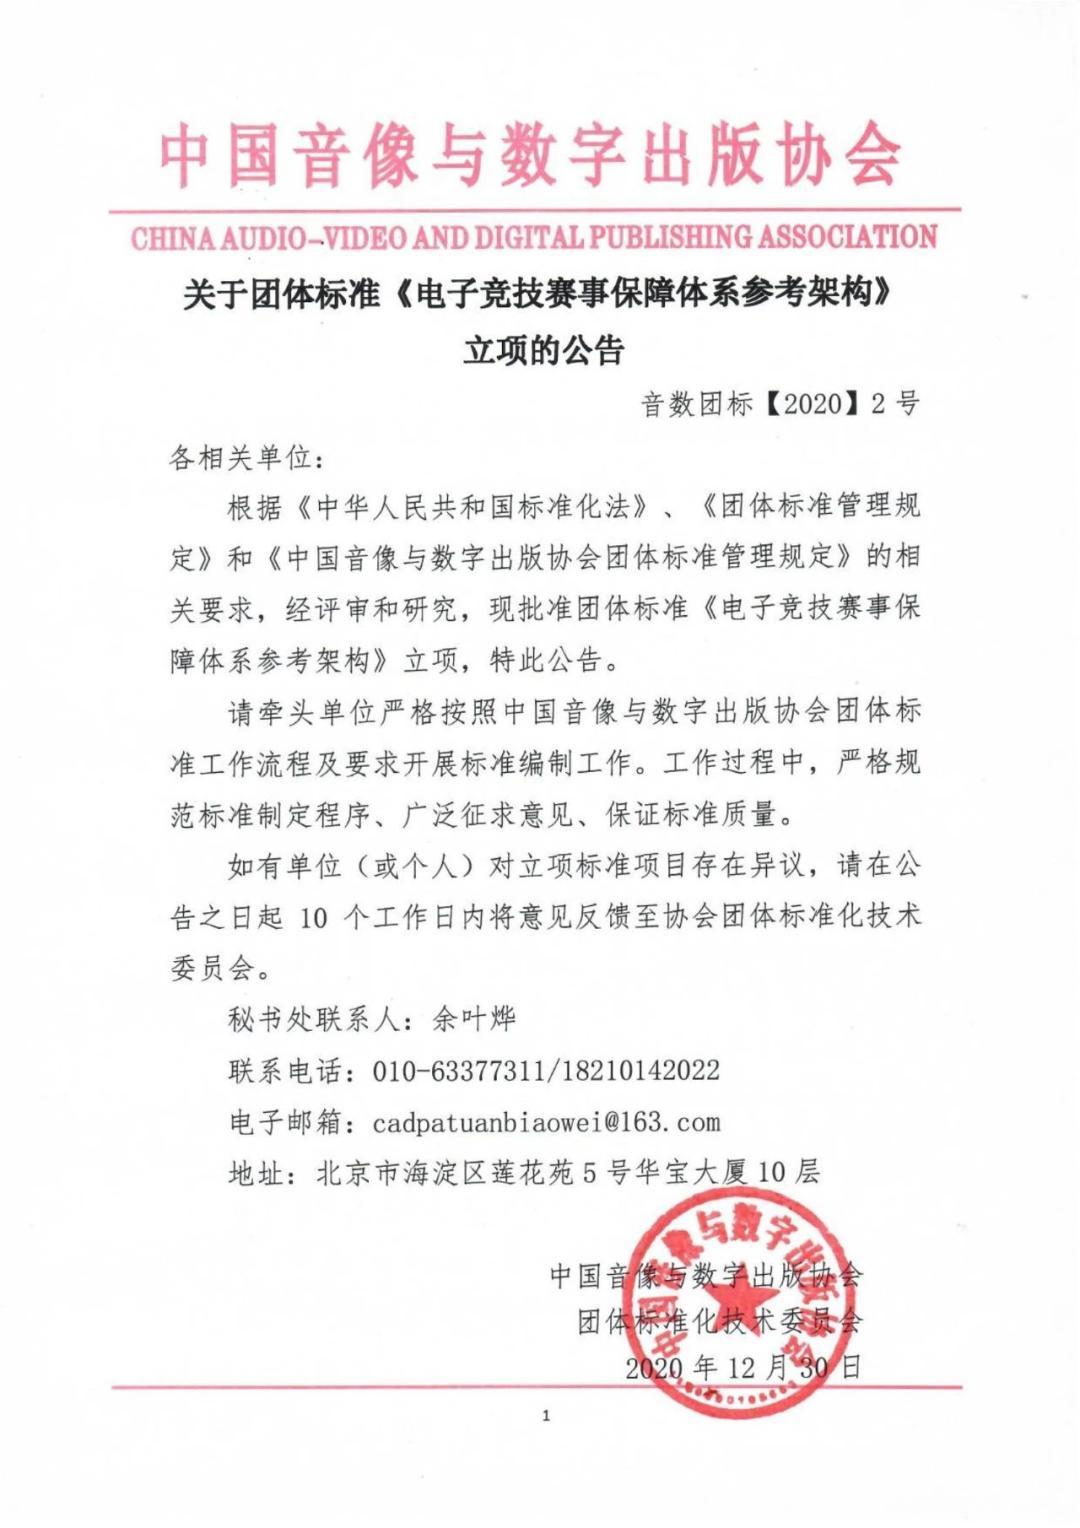 关于中国音像与数字出版协会团体标准《电子竞技赛事保障体系参考架构》立项的公告插图